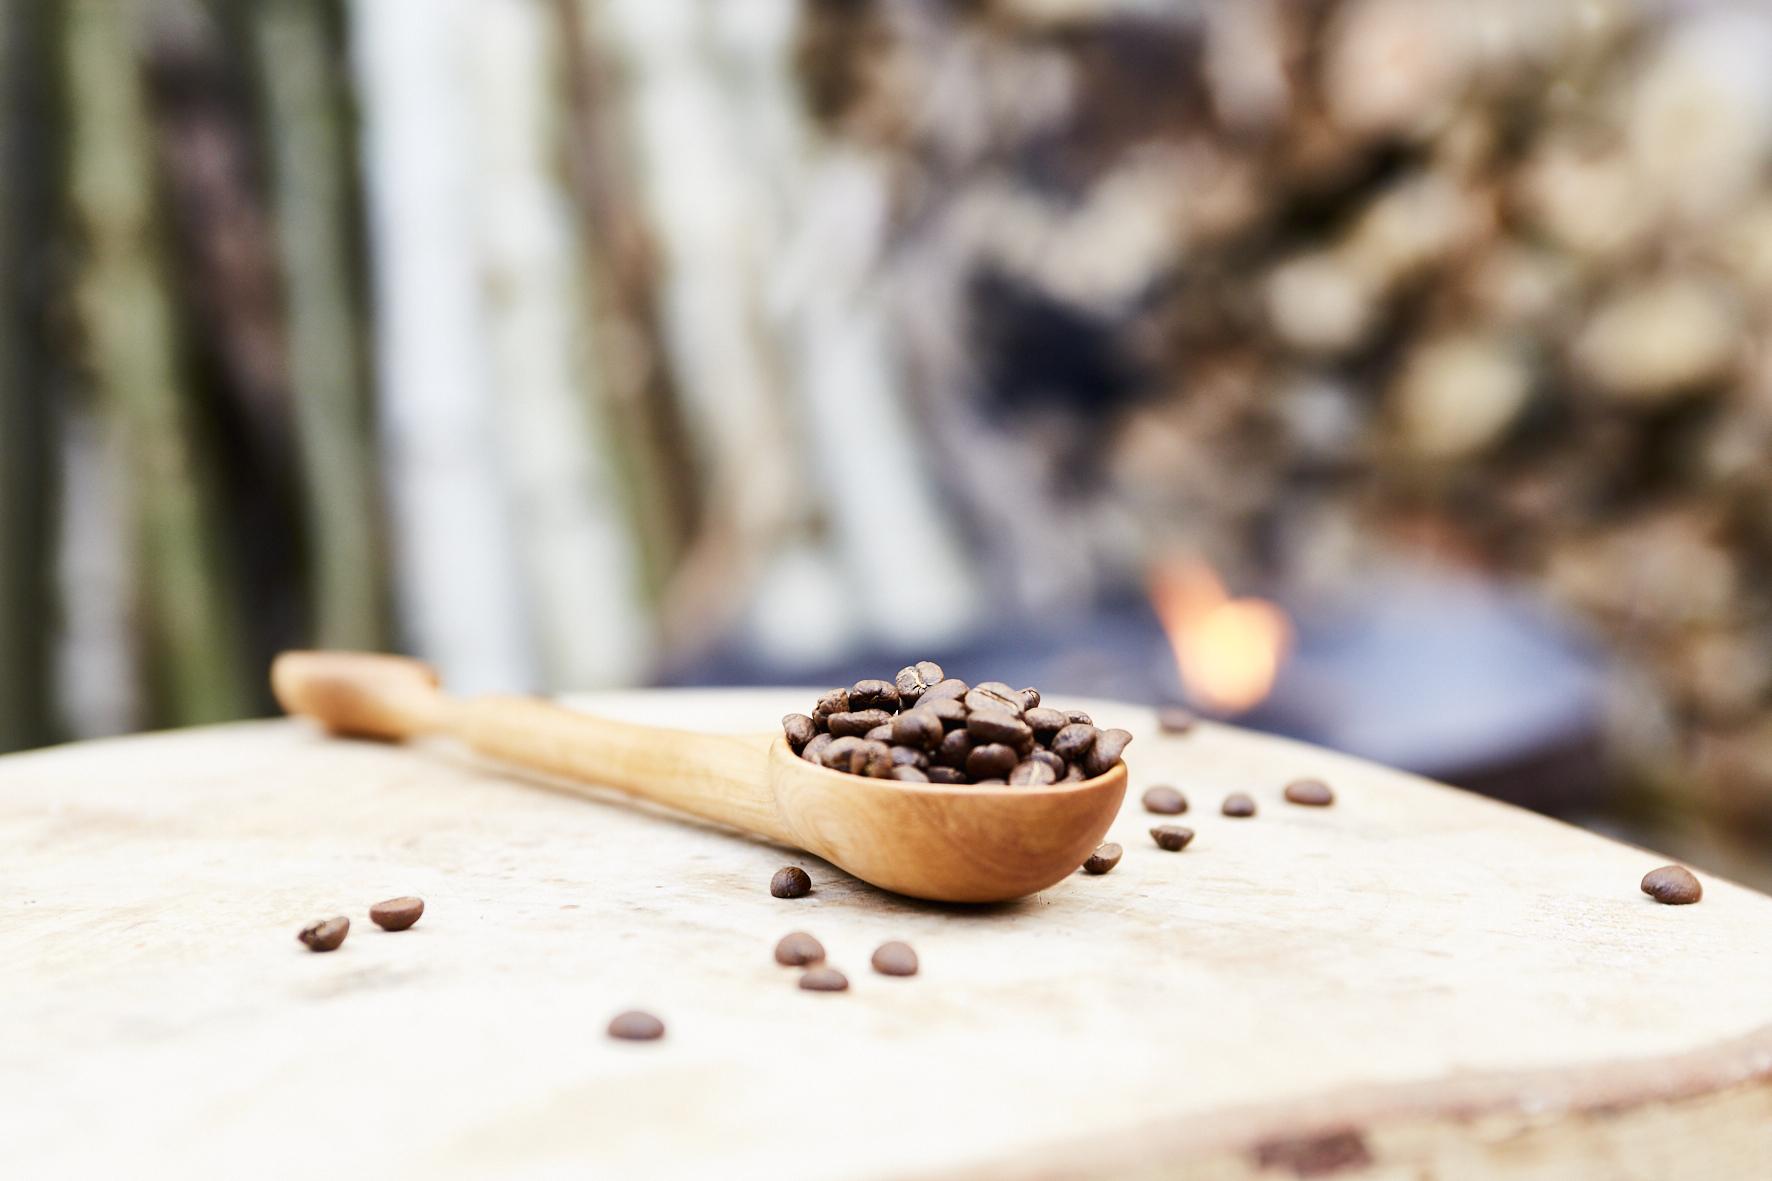 Projet créatif : sculpter une cuillère en bois ou une cuillère de mesure pour café.